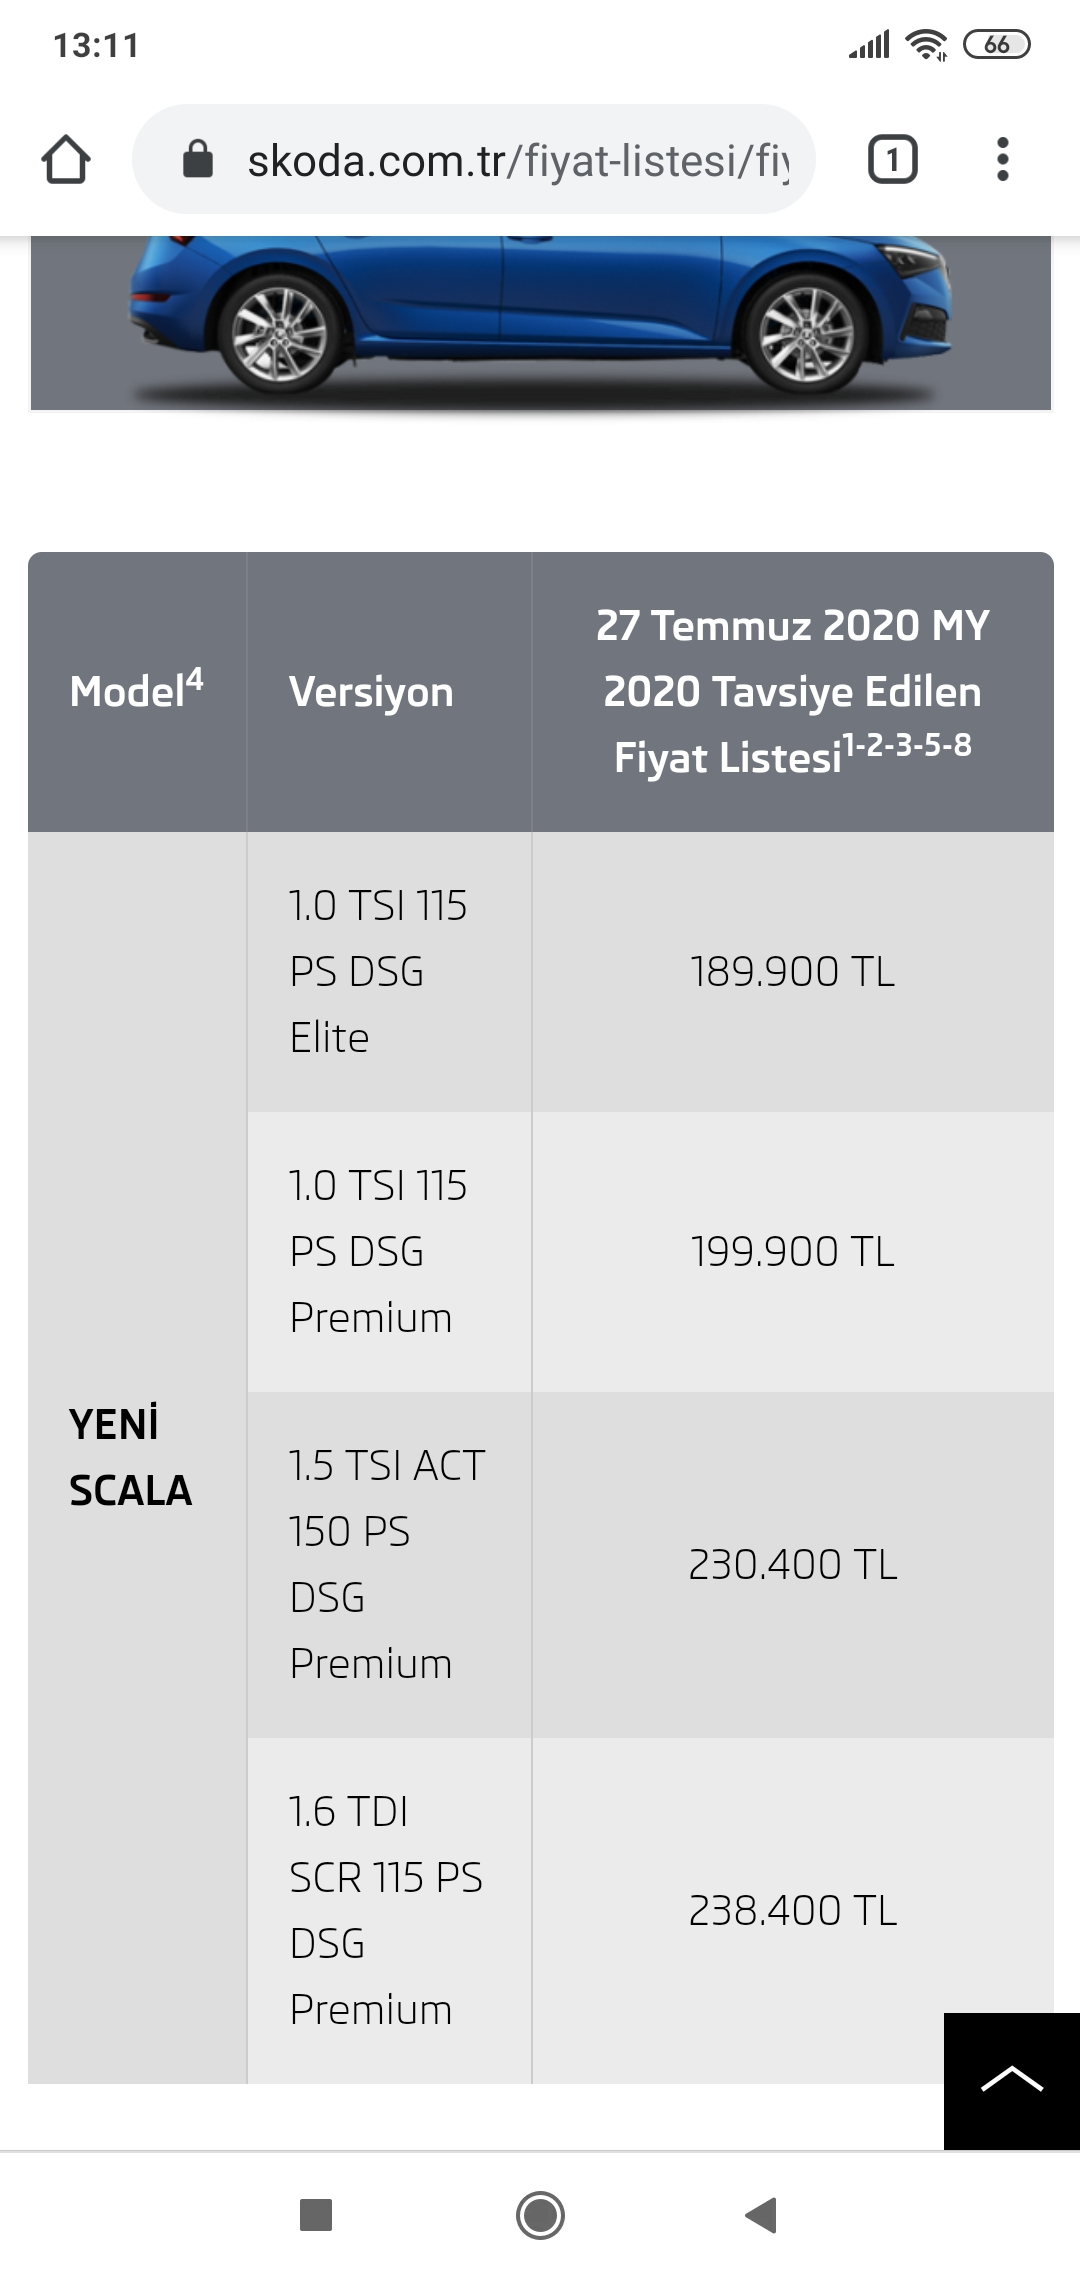 Yeni Skoda Scala Nin Fiyat Listesi Yayinlandi Otopark Com Surucunun Adresi